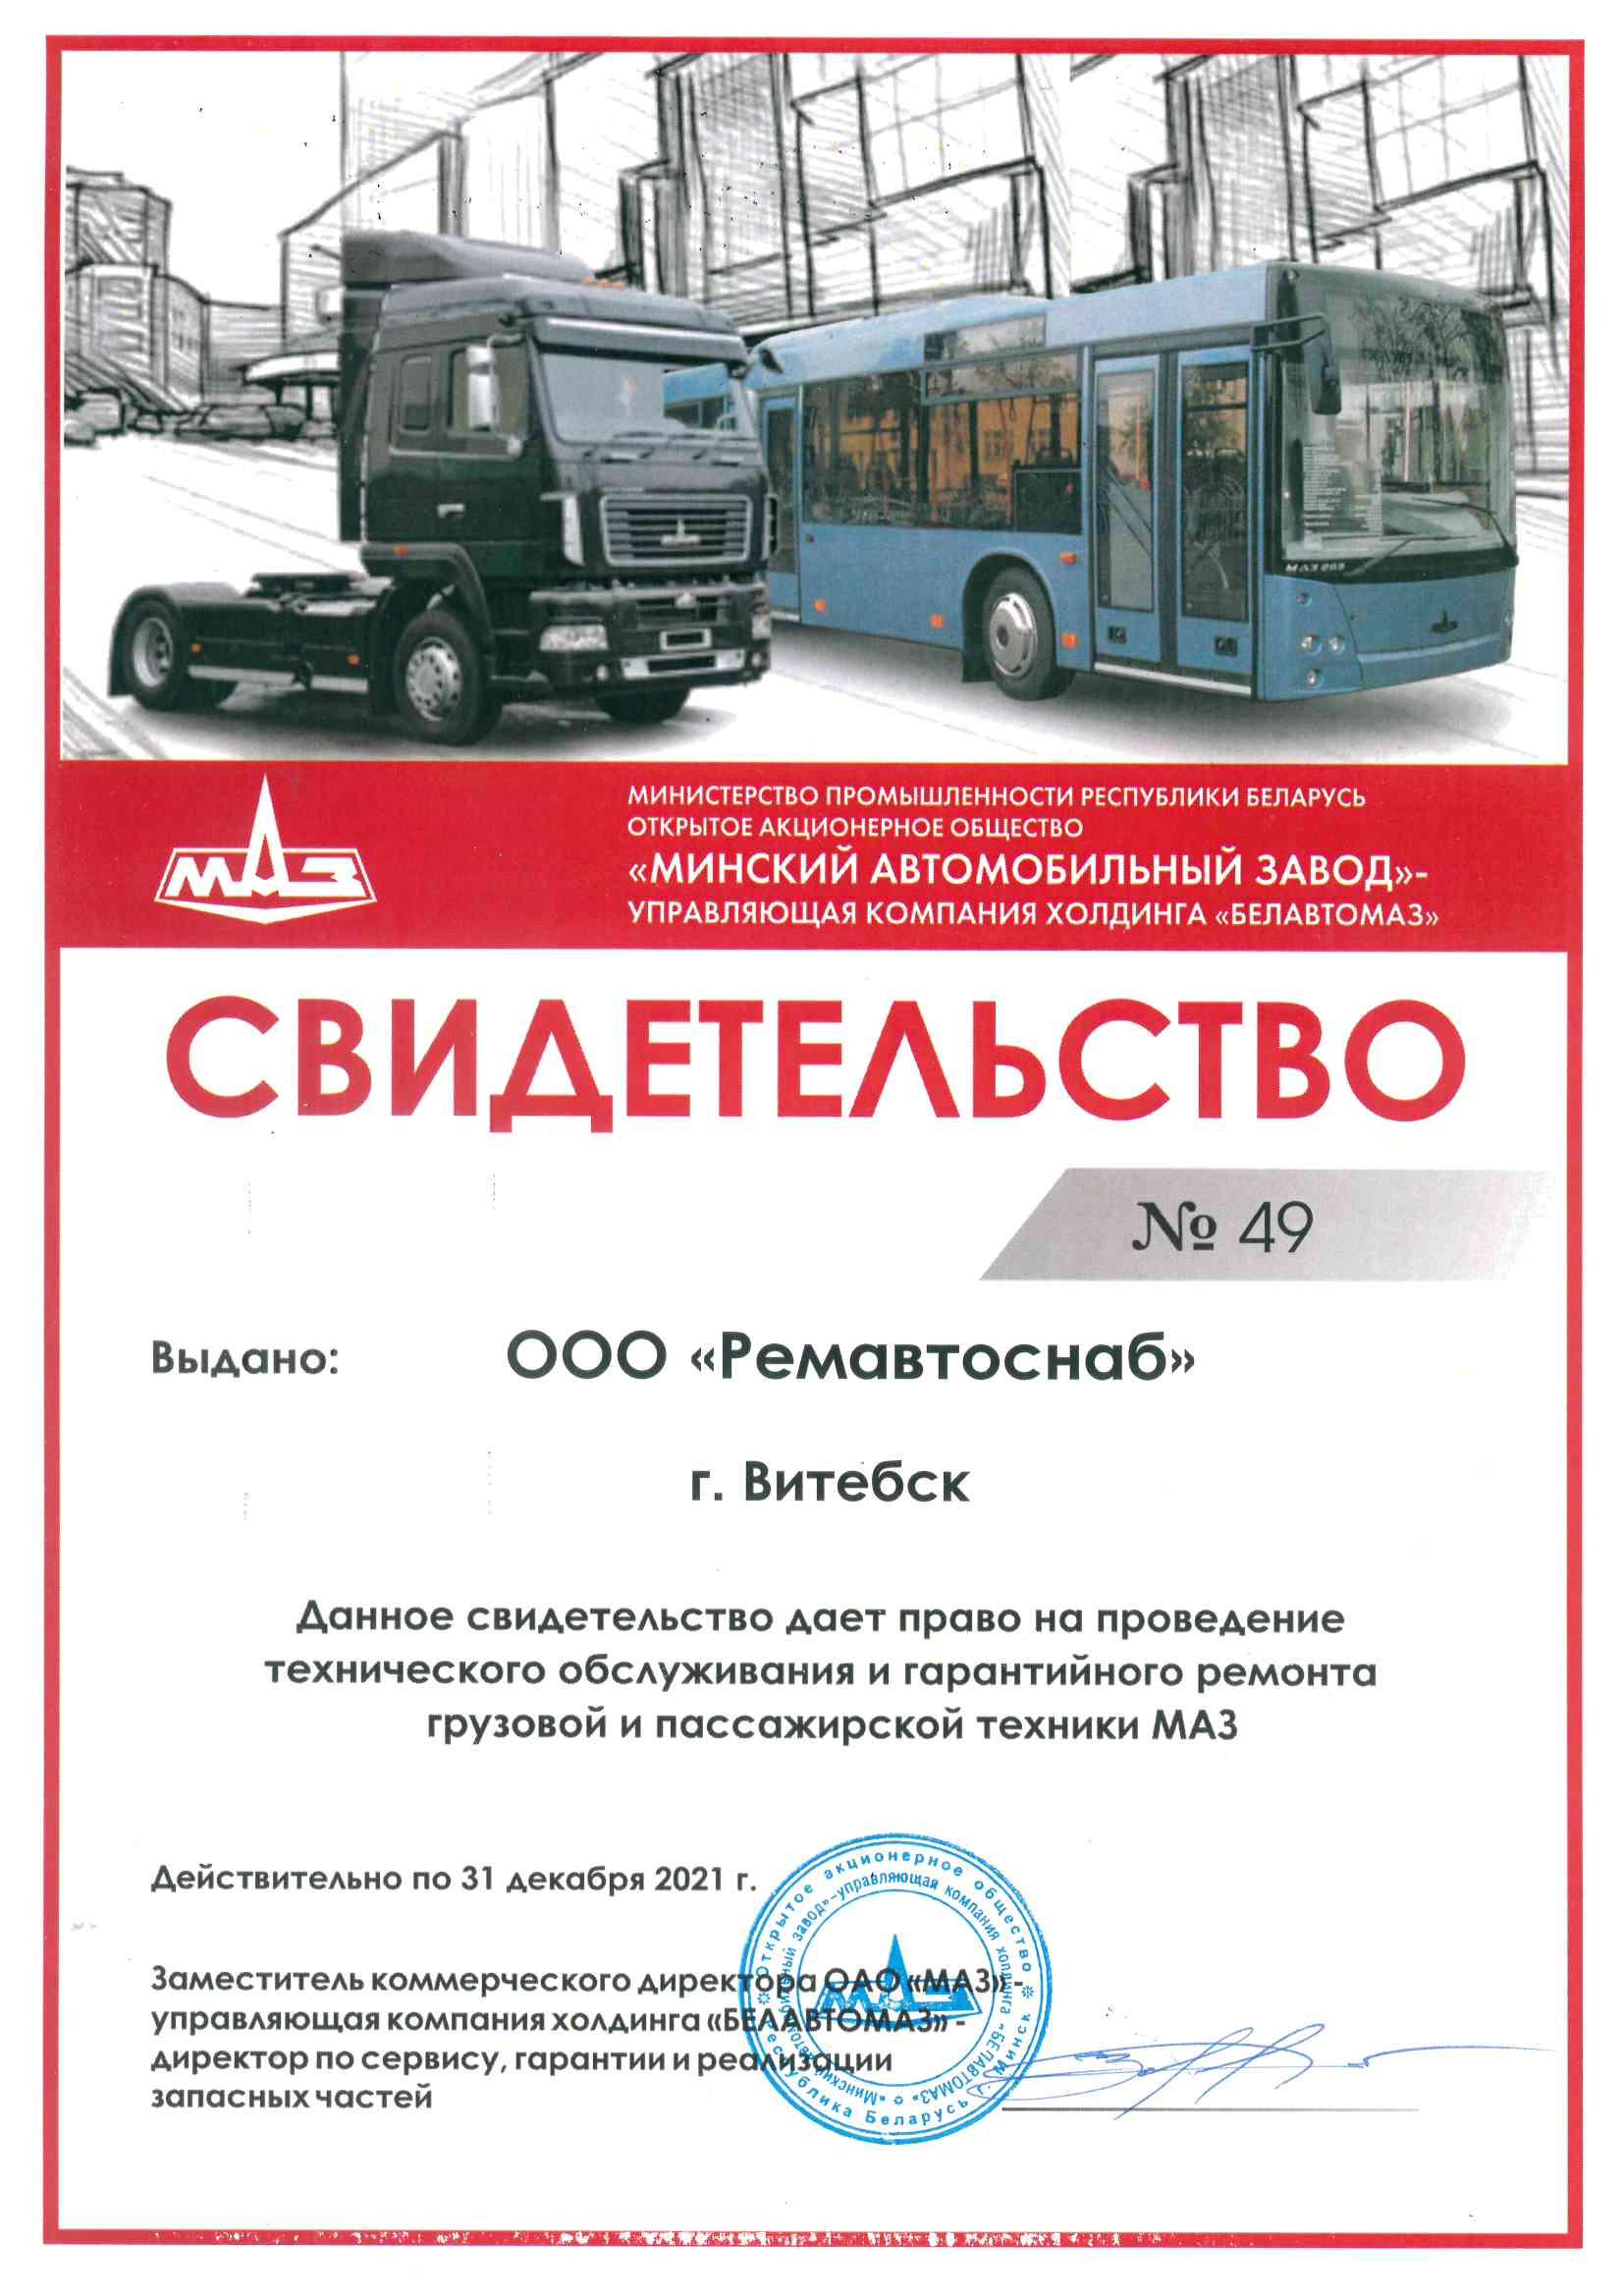 Гарантийный ремонт МАЗ в г. Витебск